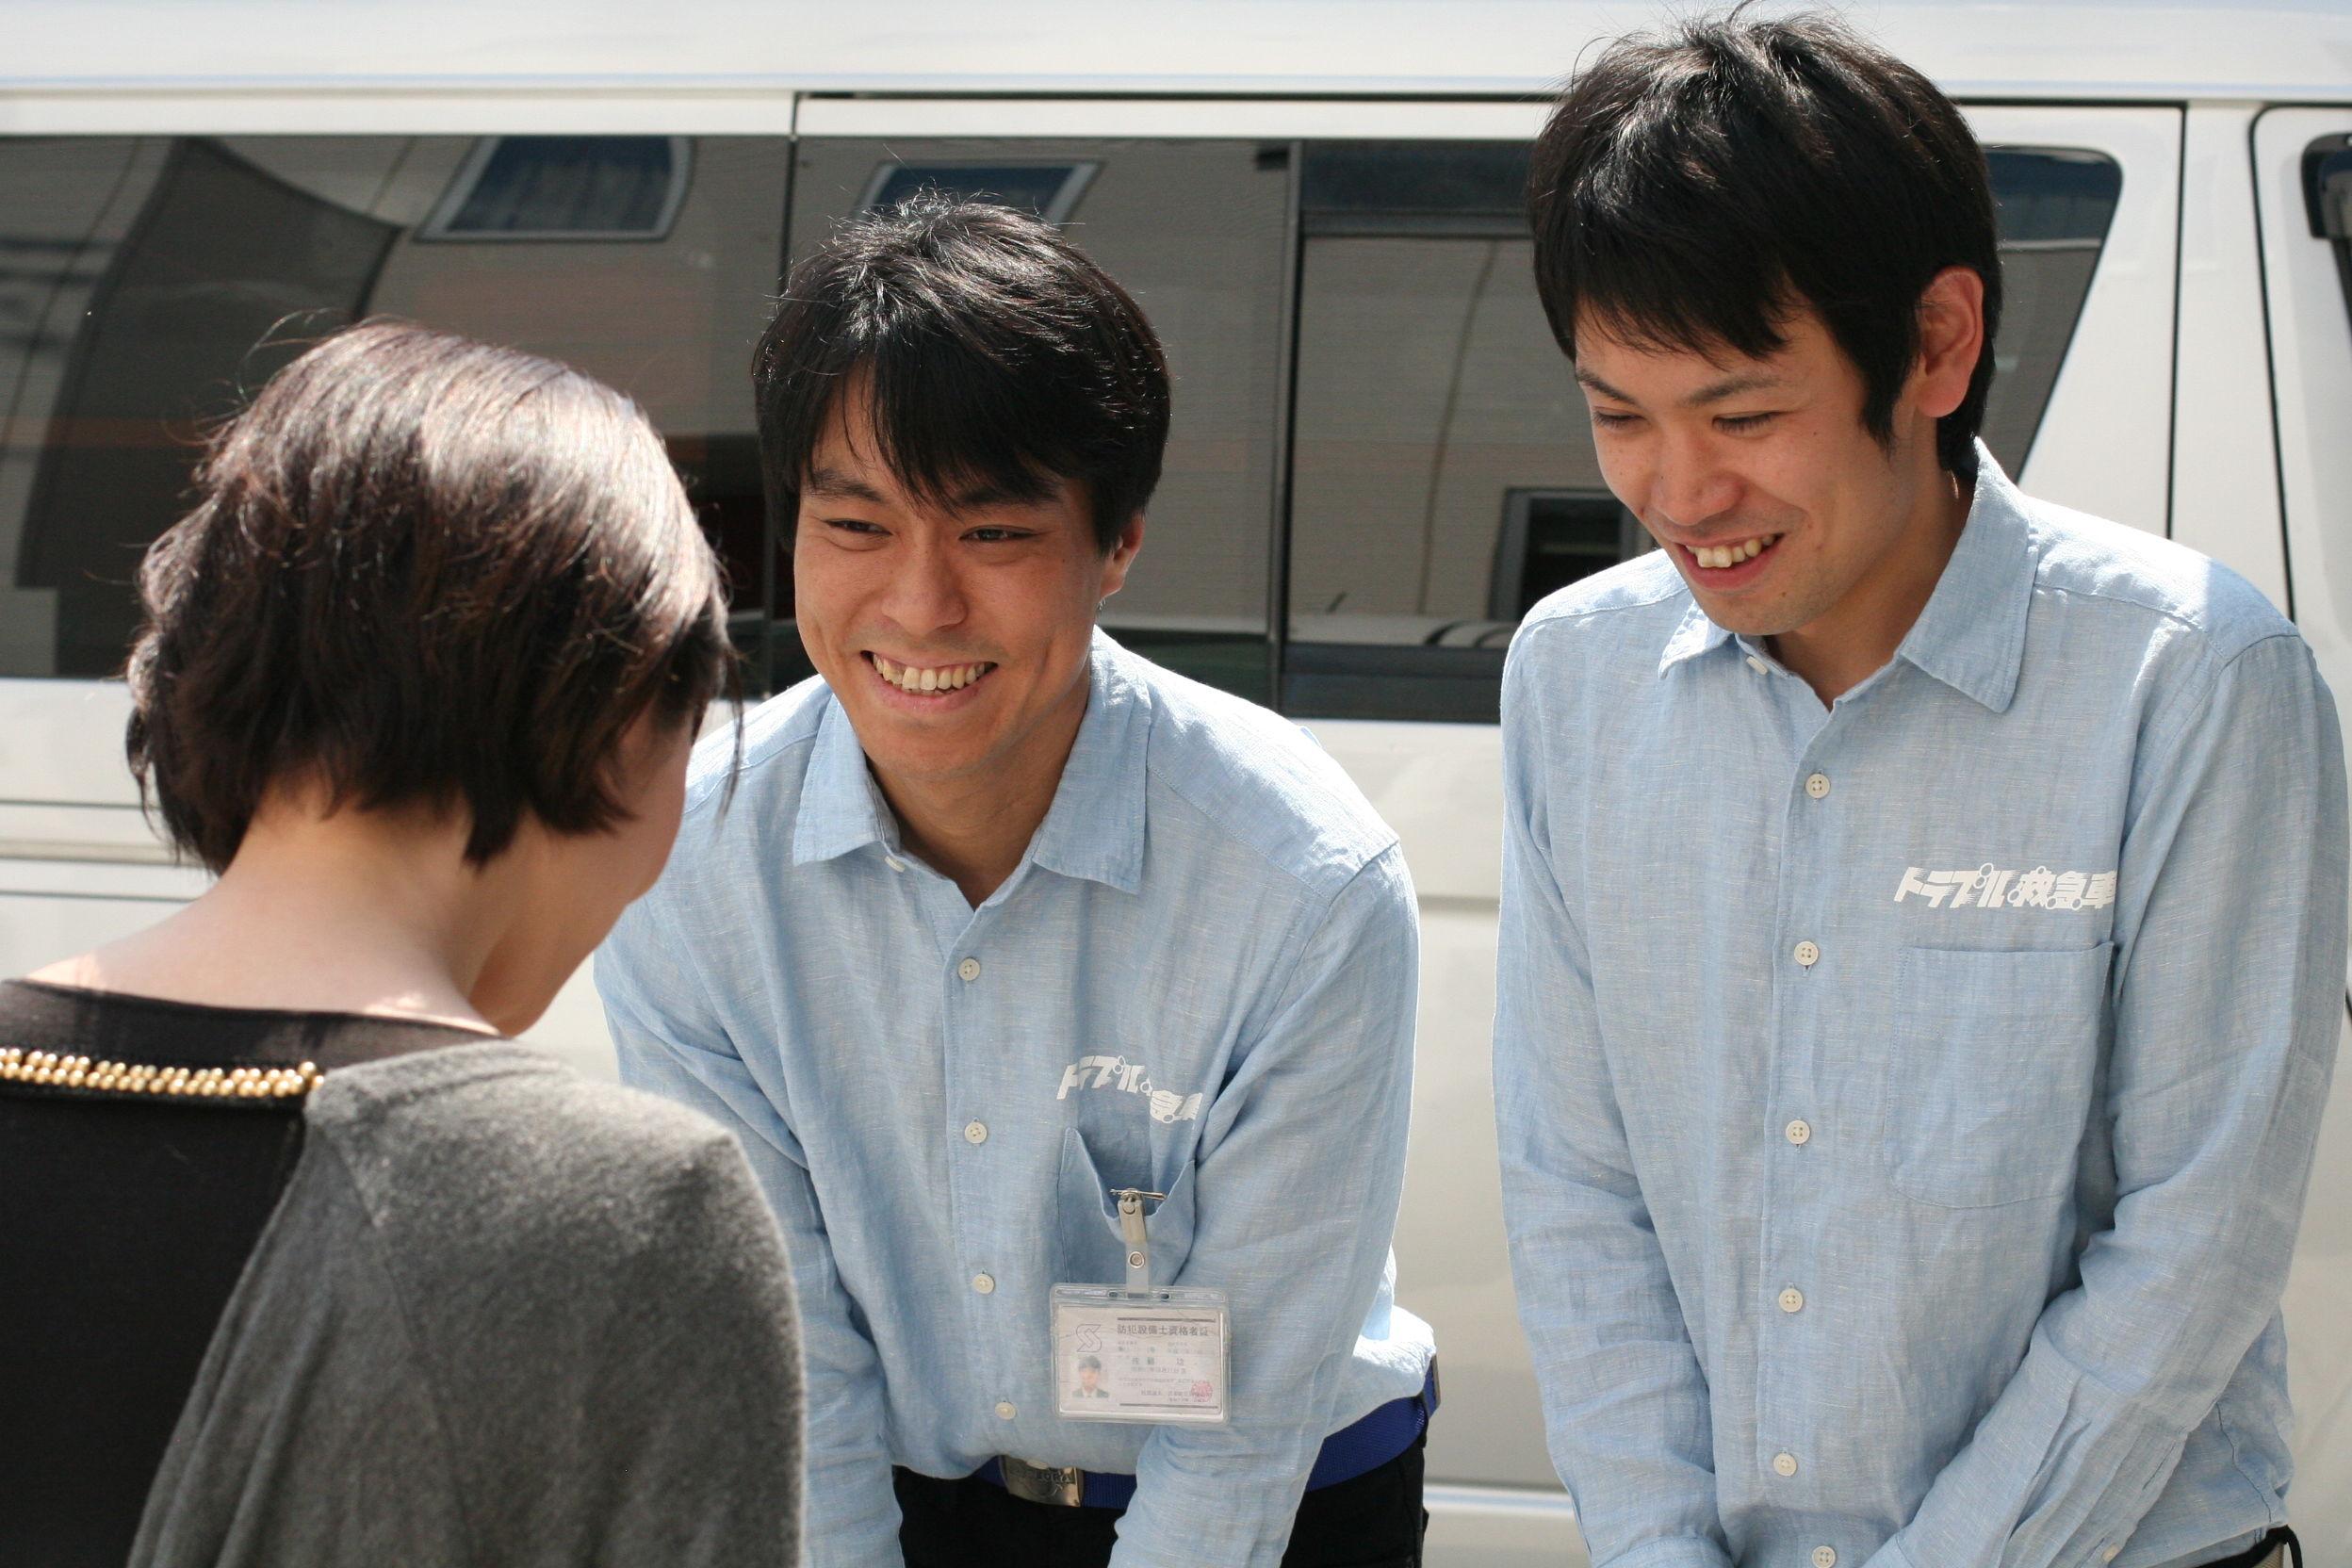 カギのトラブル救急車【塩竈市 出張エリア】のアピールポイント1